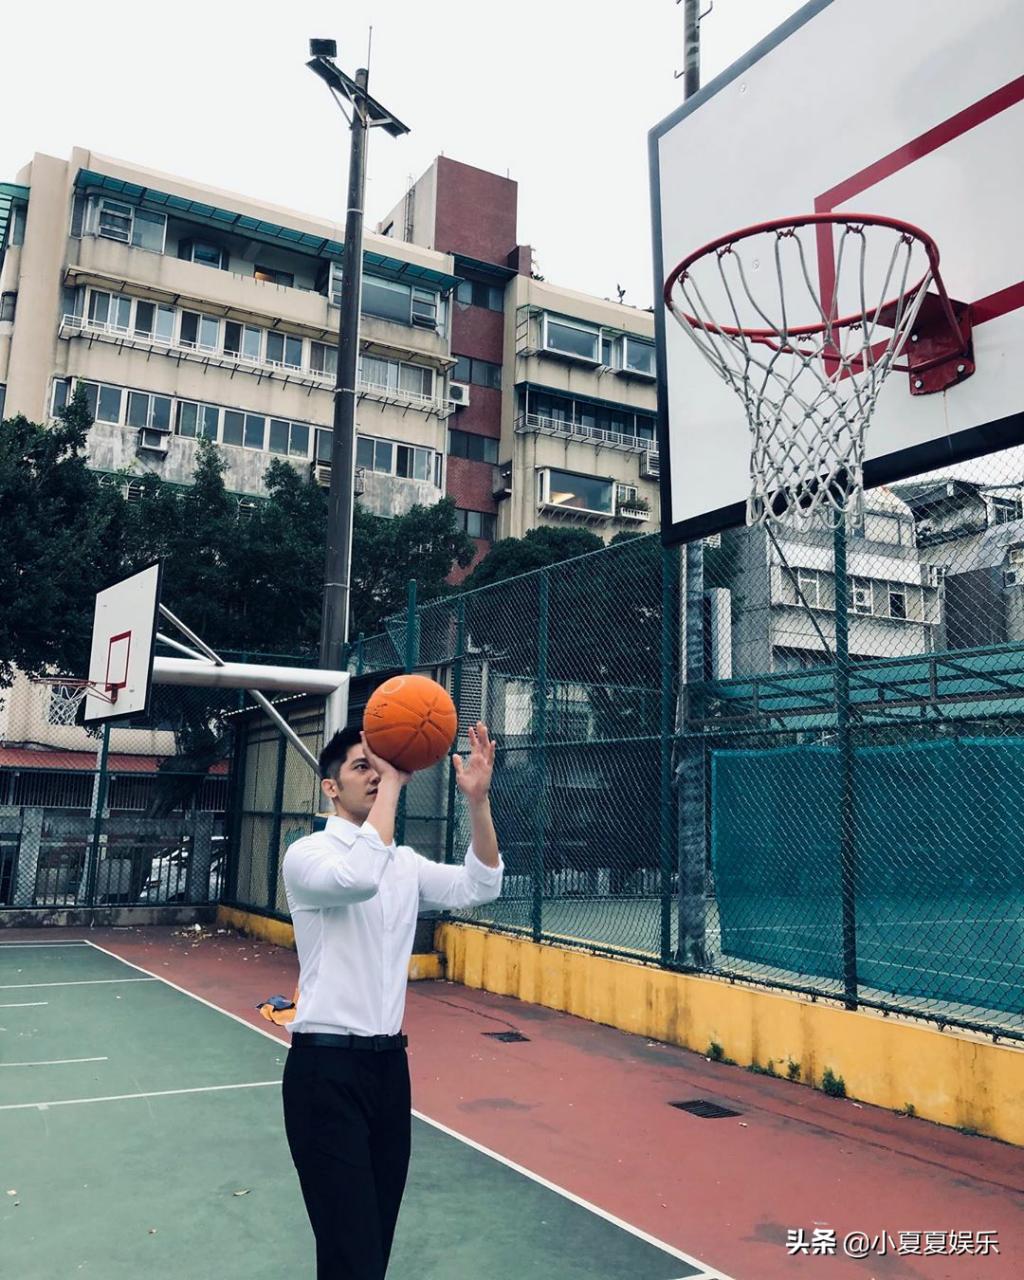 篮球场偶遇西装小哥哥,身手显得十分抢眼,有别样风味